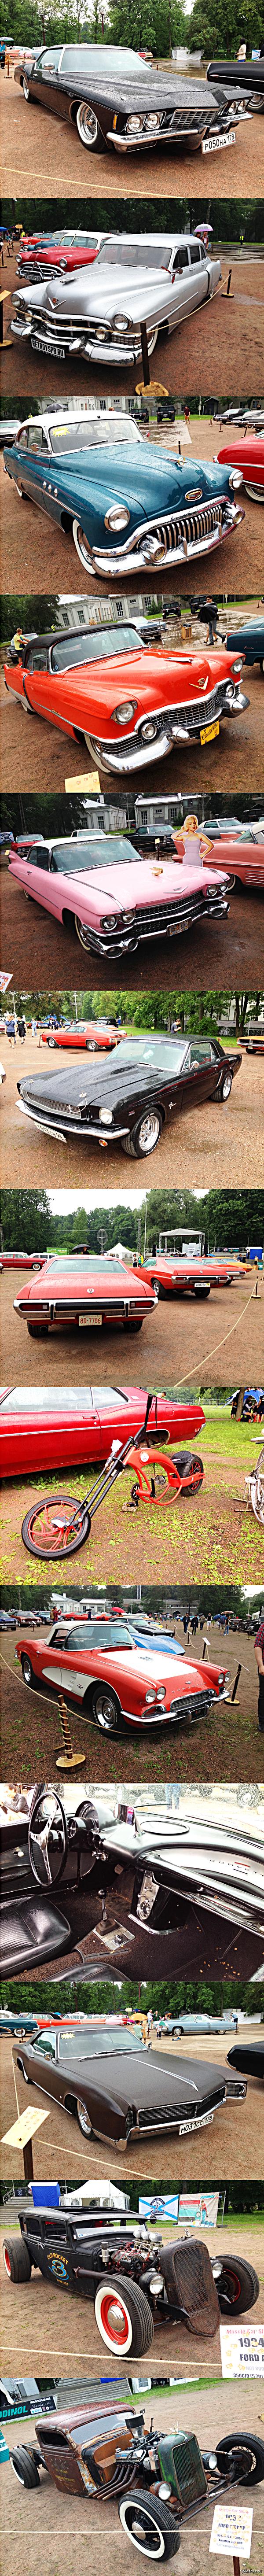 Muscle Car Show Некоторые из машин. Специально снимал для вас, пикабушники)))  крутые тачки, автомобиль, выставка, длиннопост